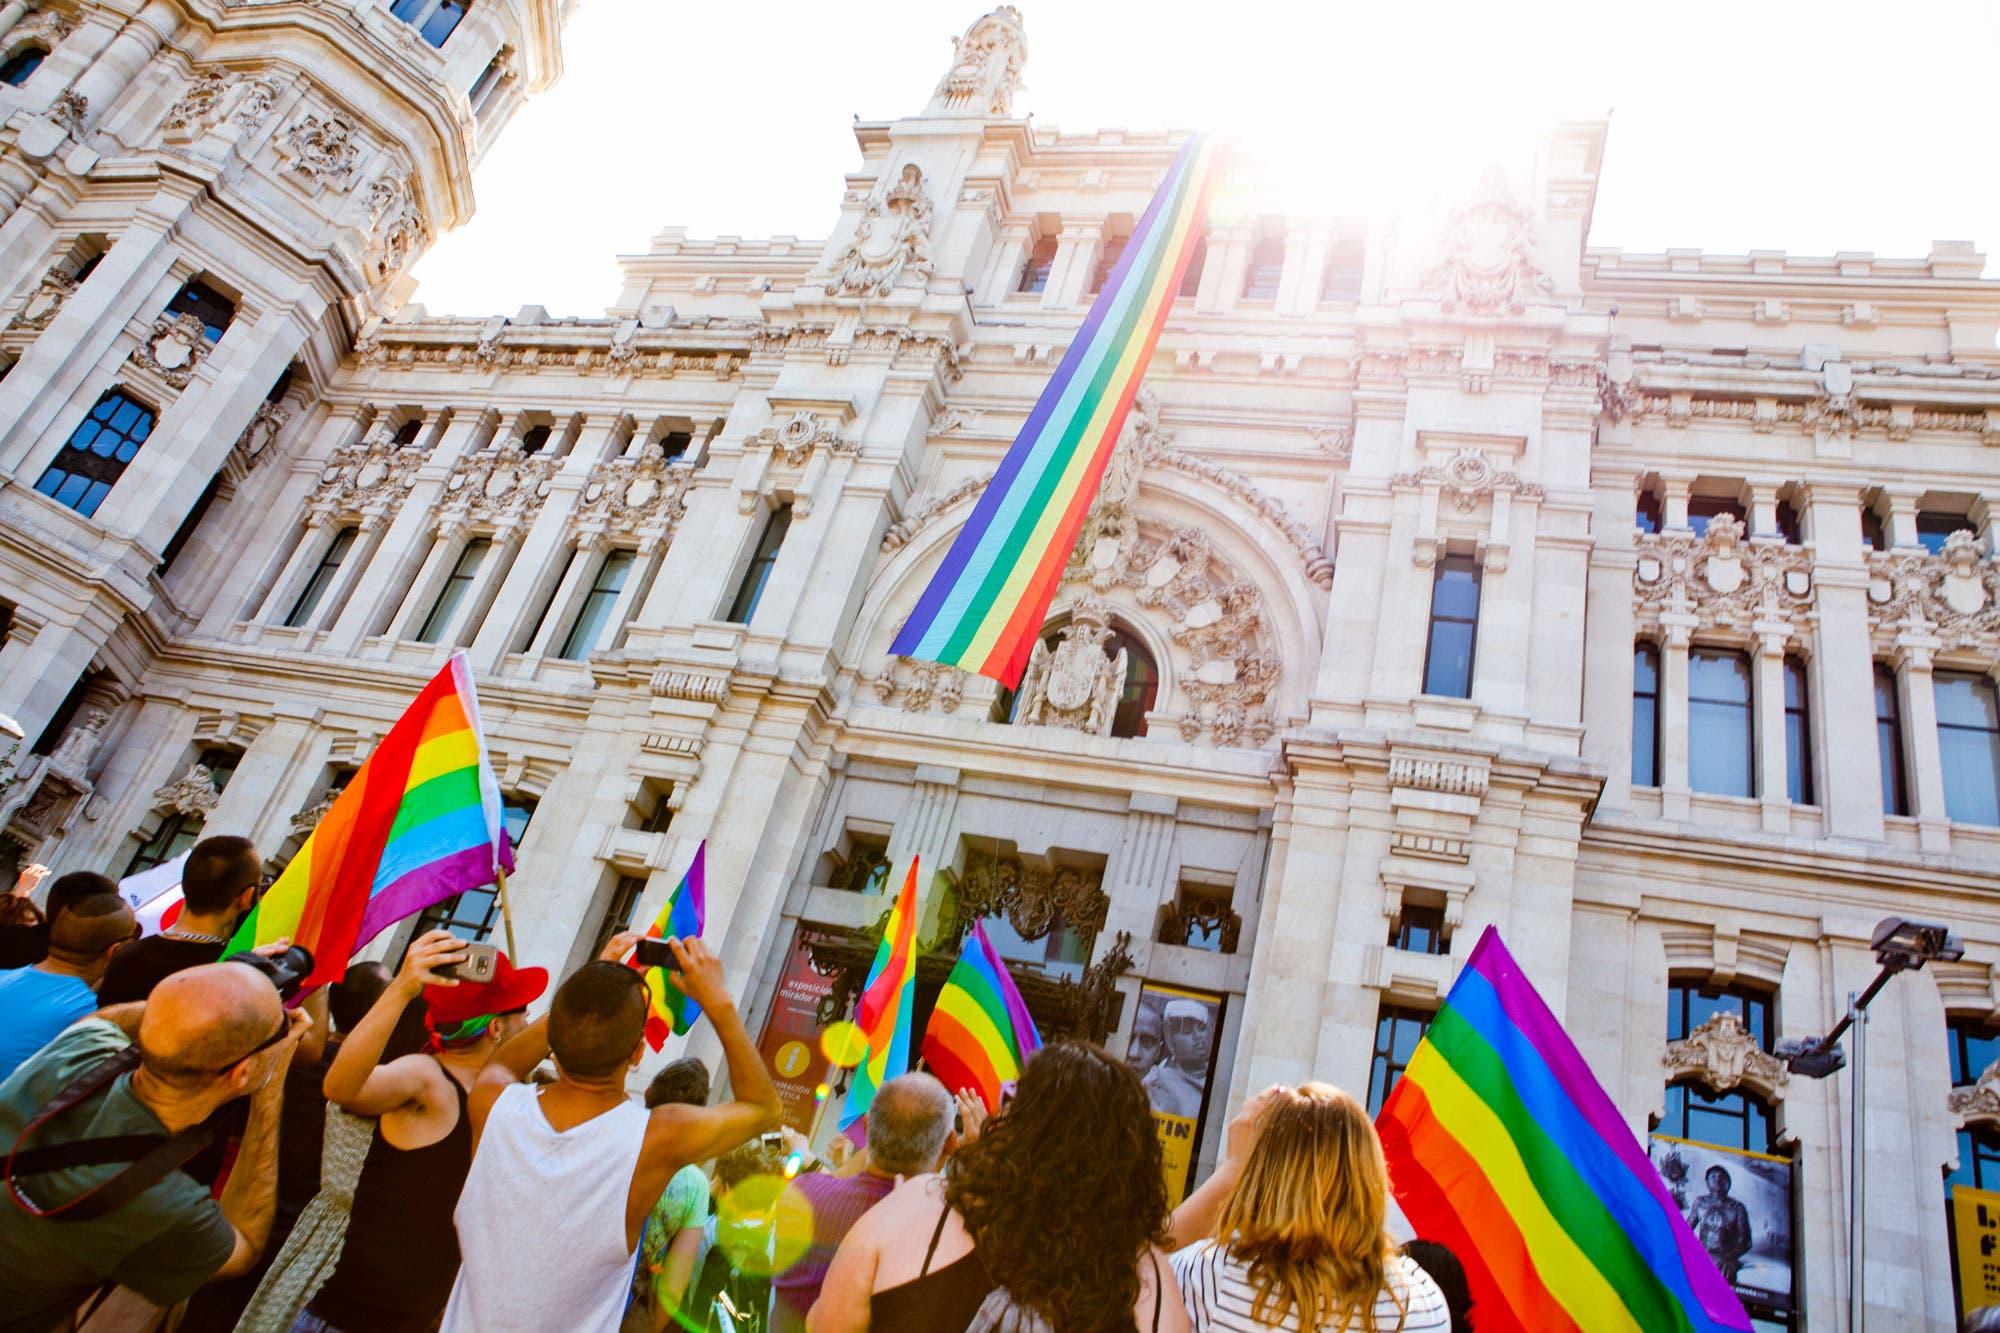 Orgullo Gay de Madrid recuerda a víctimas de Orlando y defiende bisexualidad